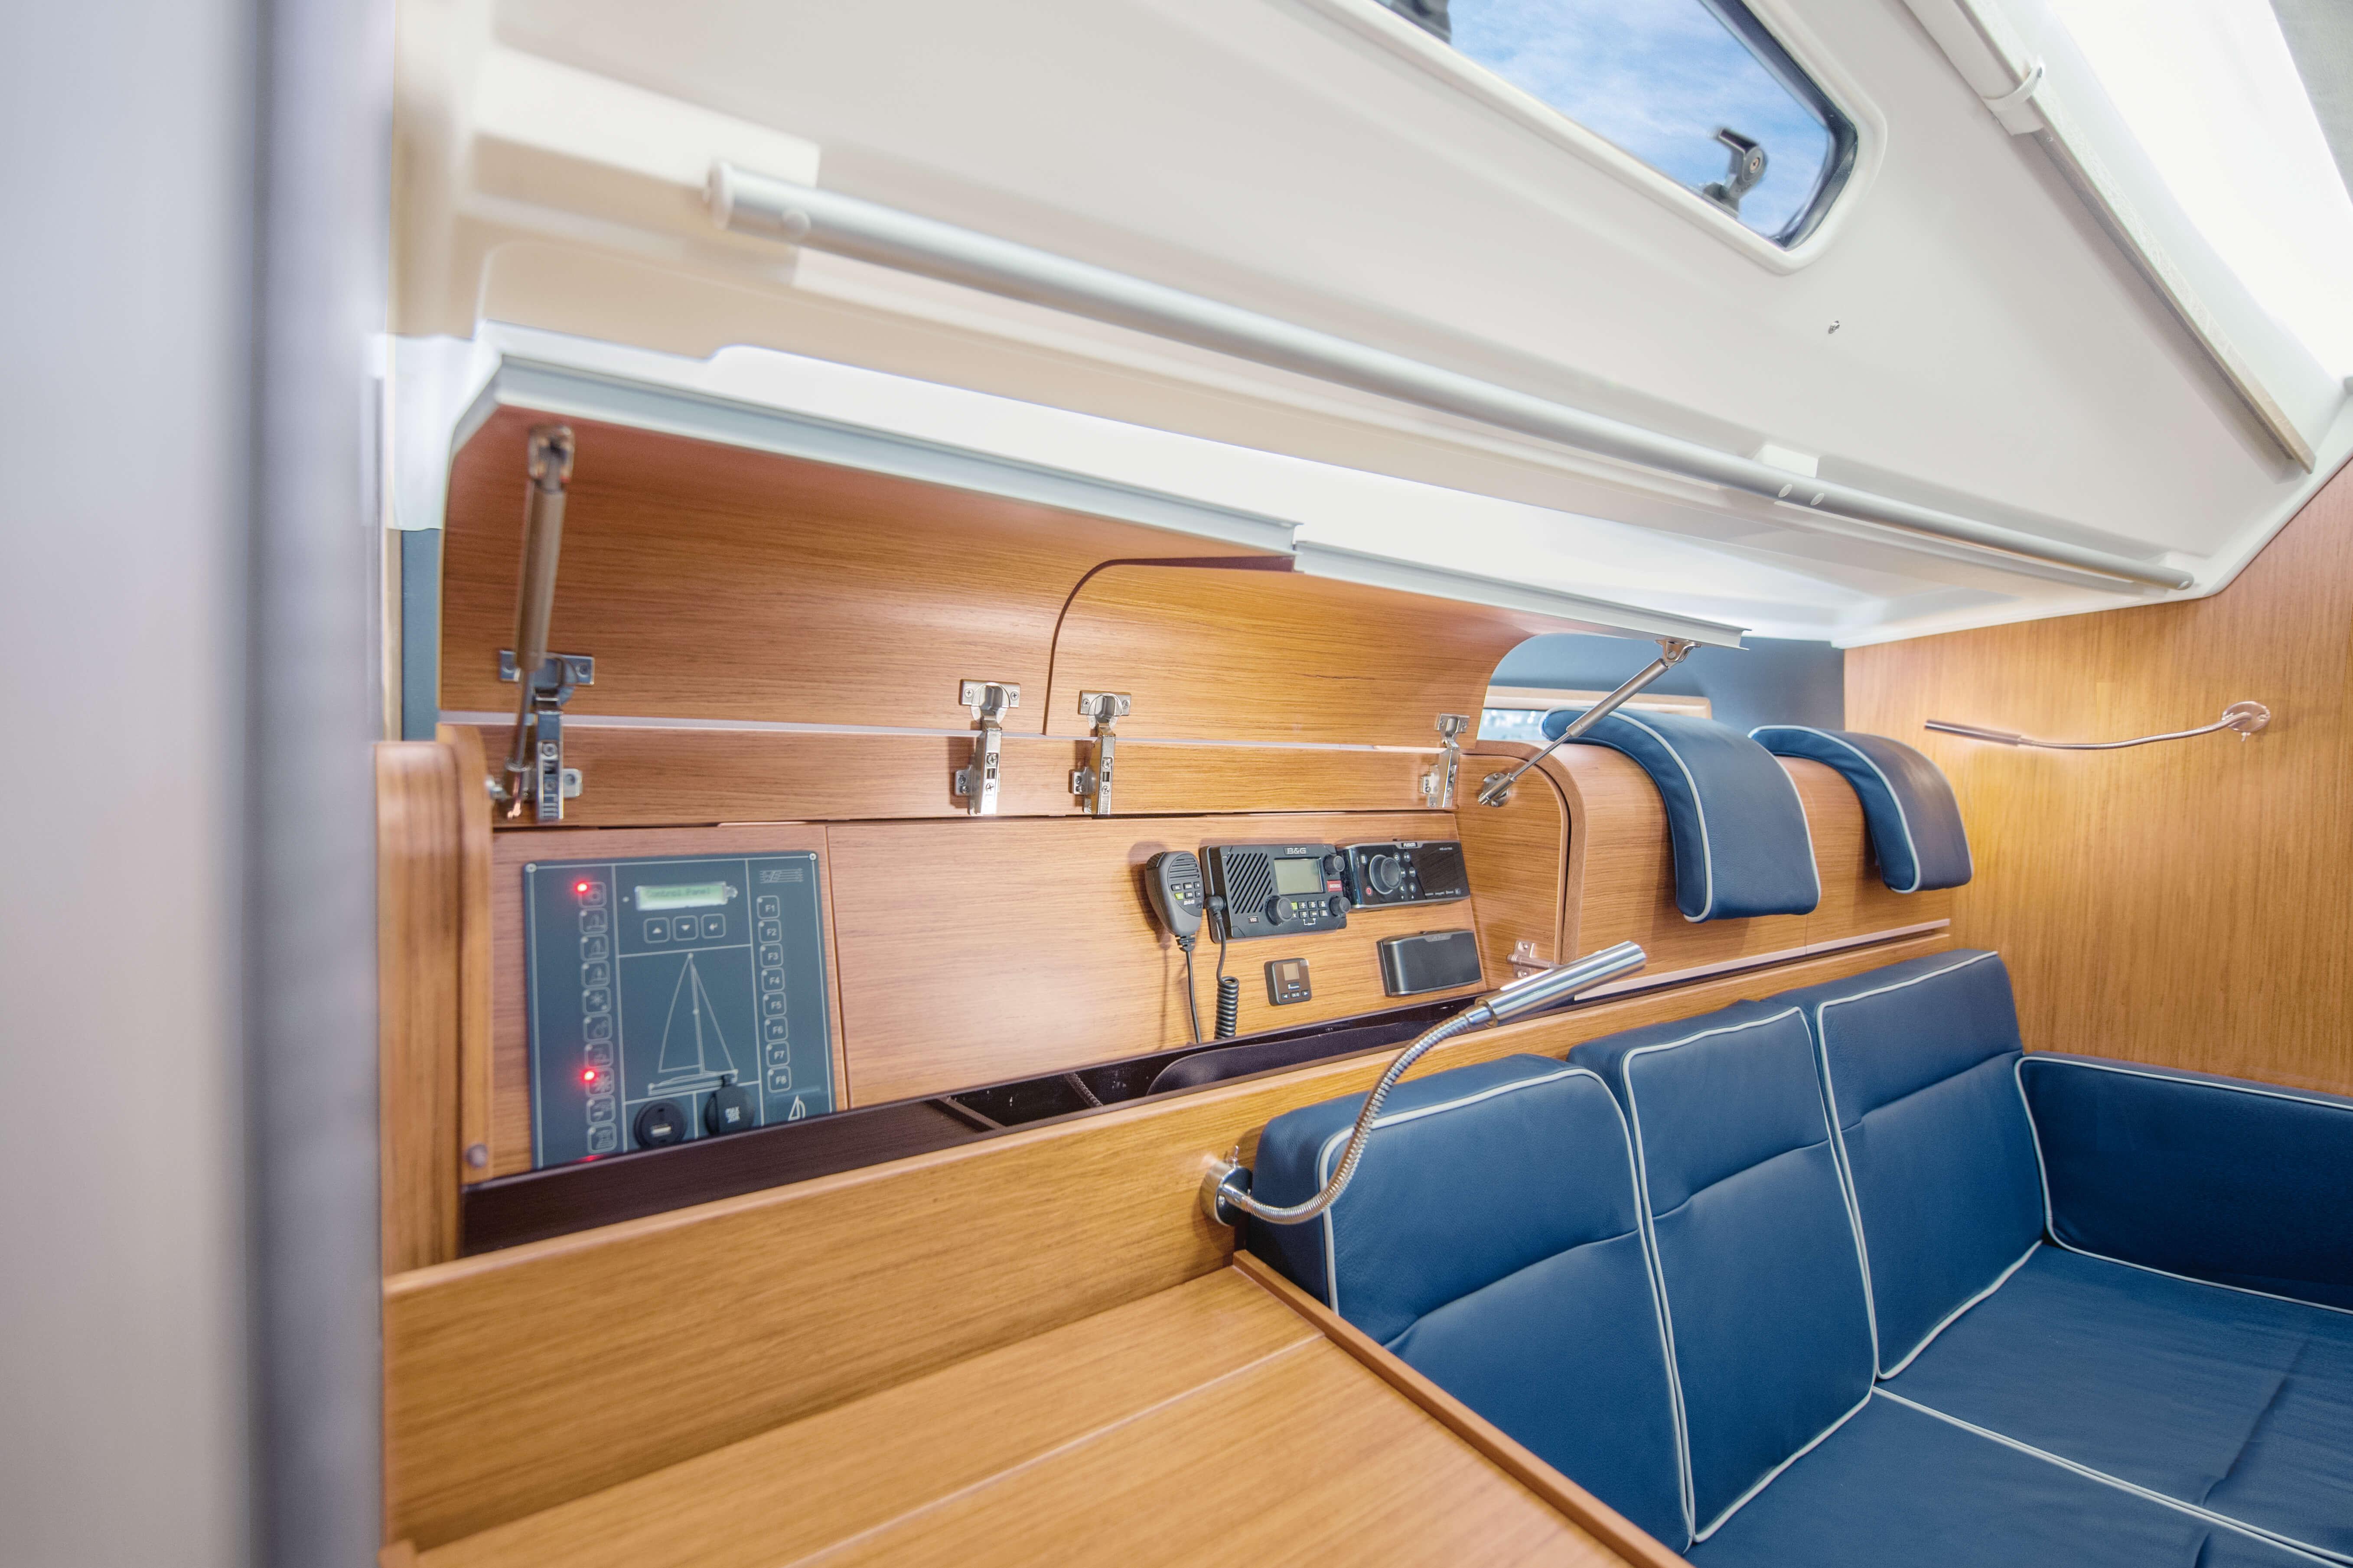 Dehler 42 Interno salone | zona di seduta, angolo della navigazione, lampada da leggere, poggiatesta | Dehler